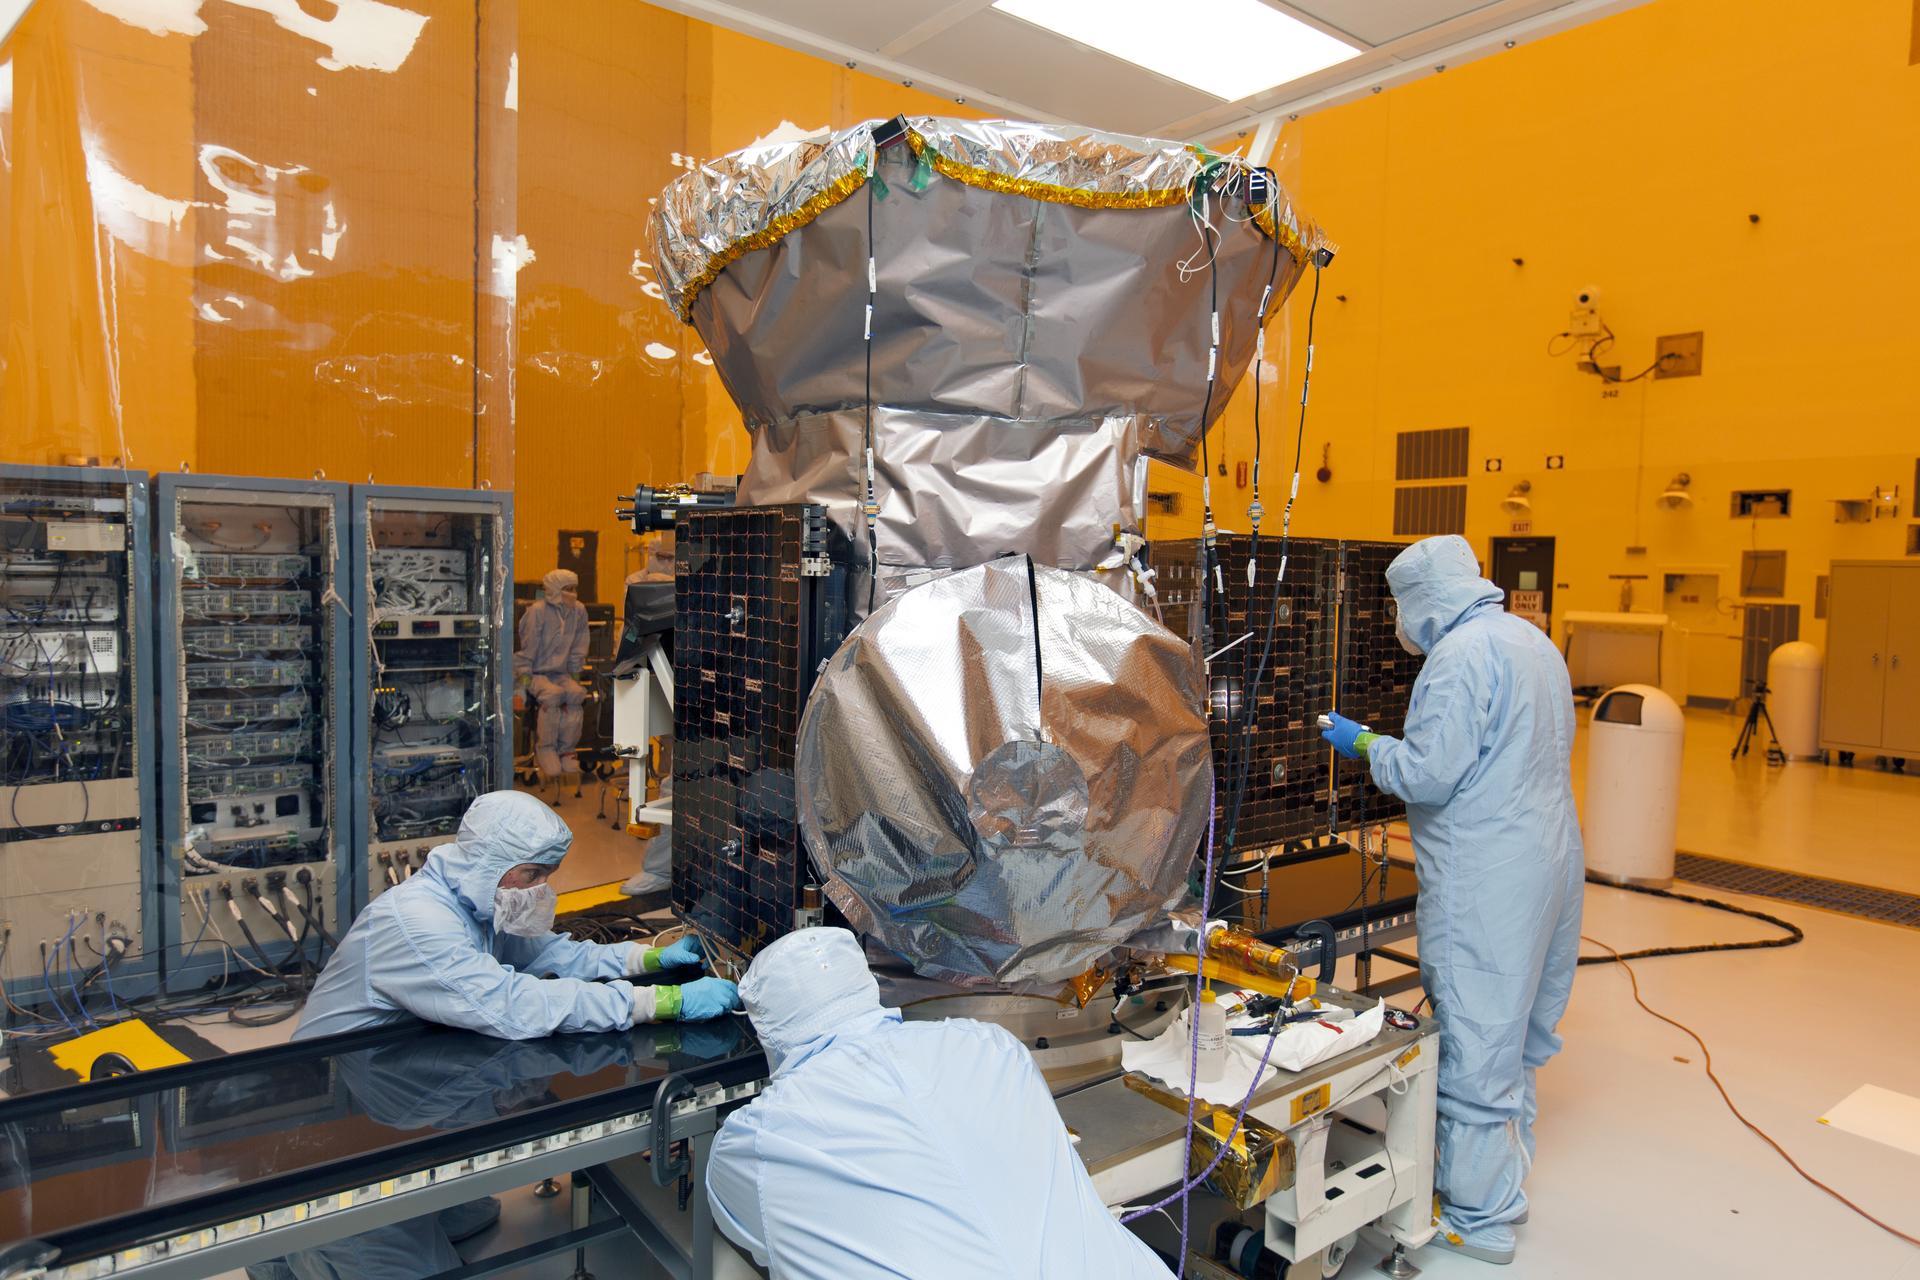 Das Weltraumteleskop Tess erhält im Reinlabor der Nasa gerade seine Flügel aus Solarpanels. Das Foto stammt vom Februar 2018.